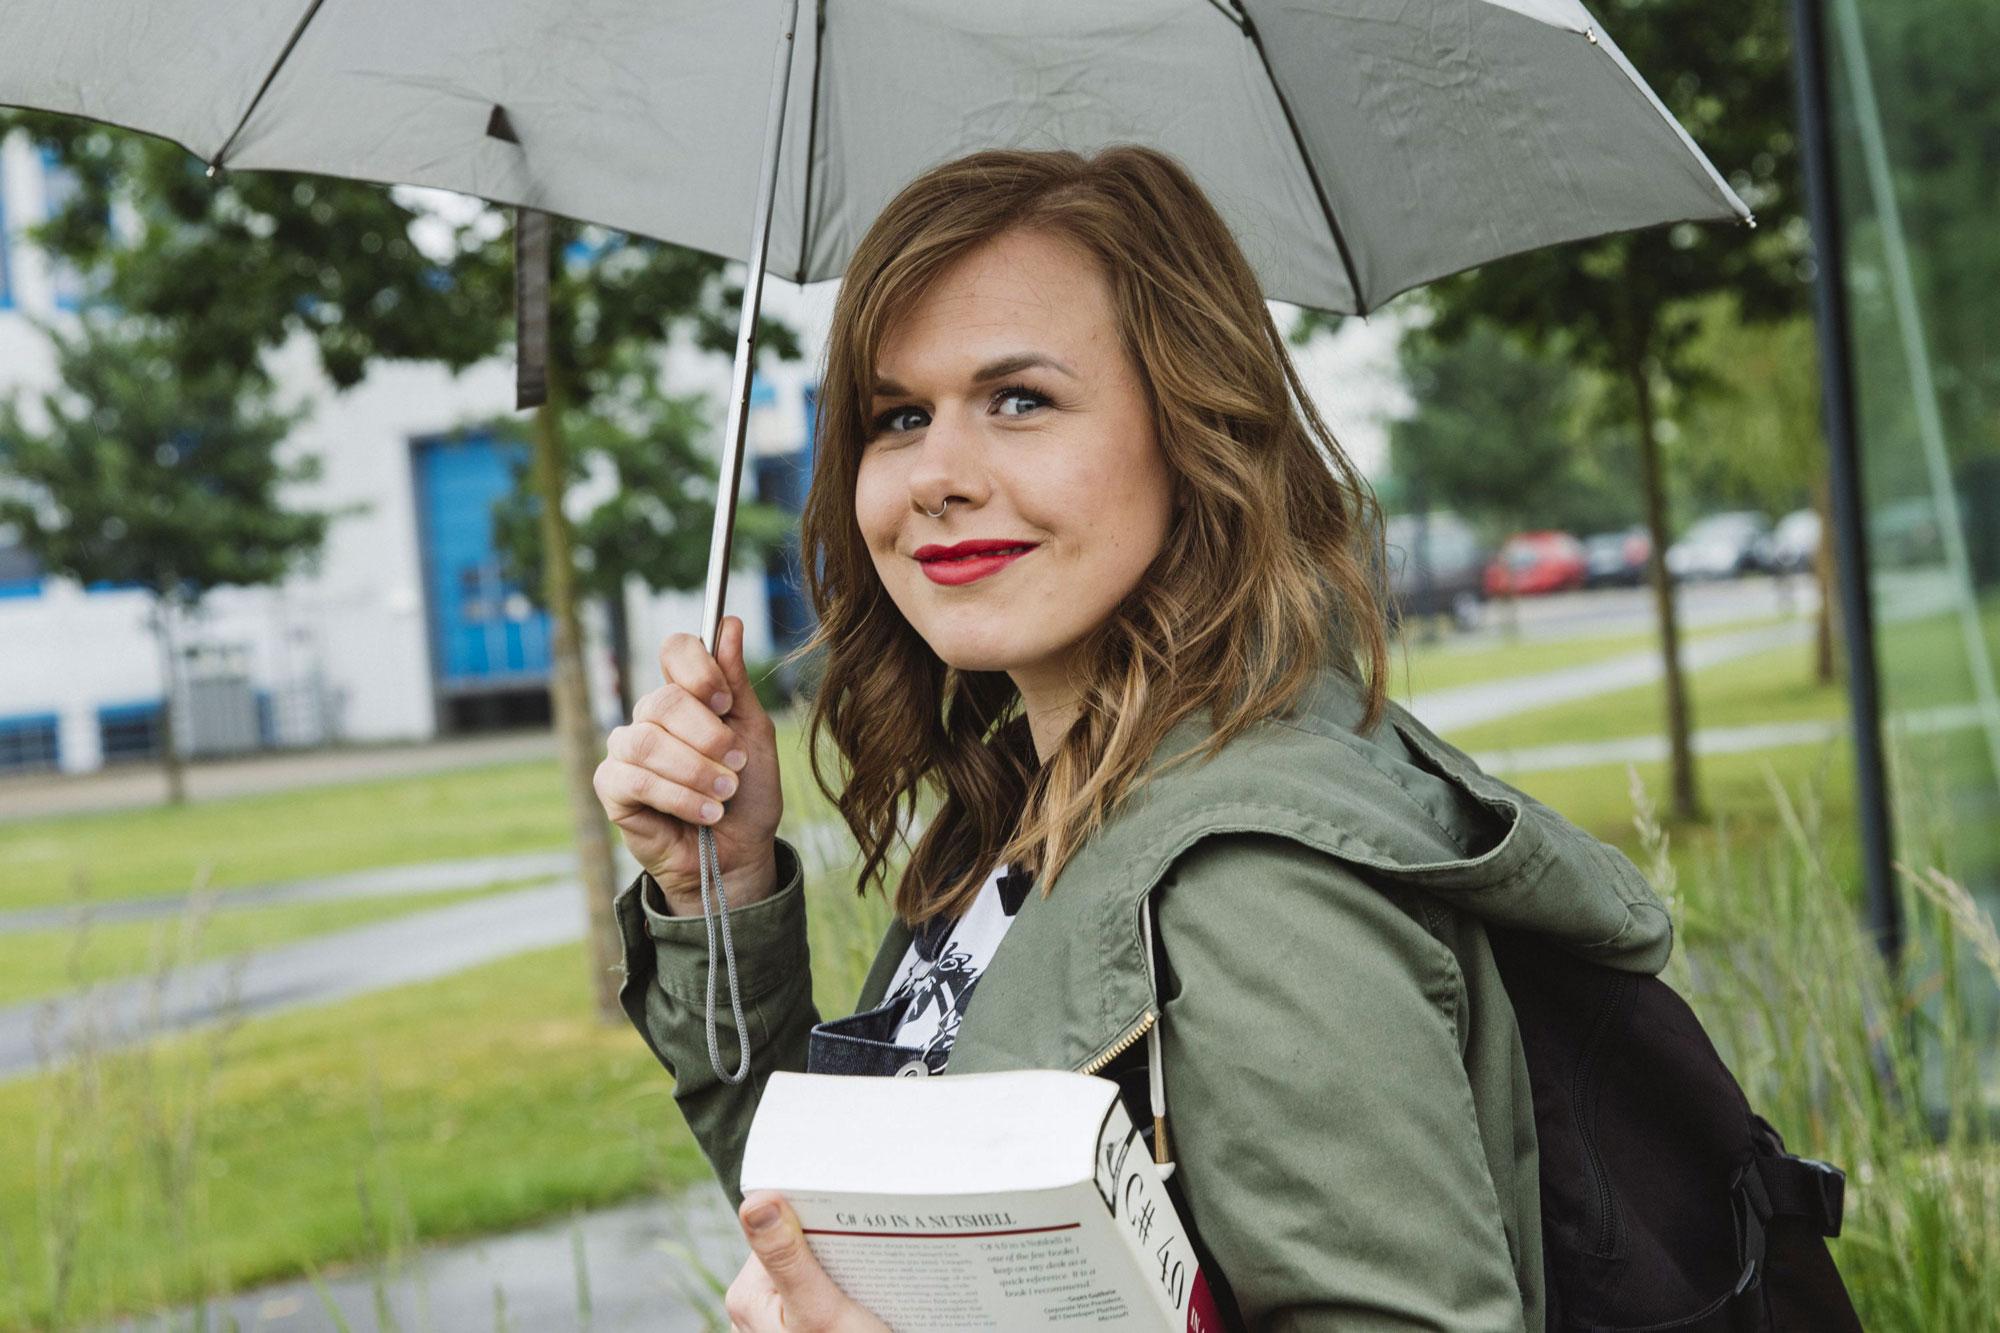 Digitale Angebote für Schülerinnen und Schüler in den Herbstferien. (Foto: Hochschule Niederrhein)